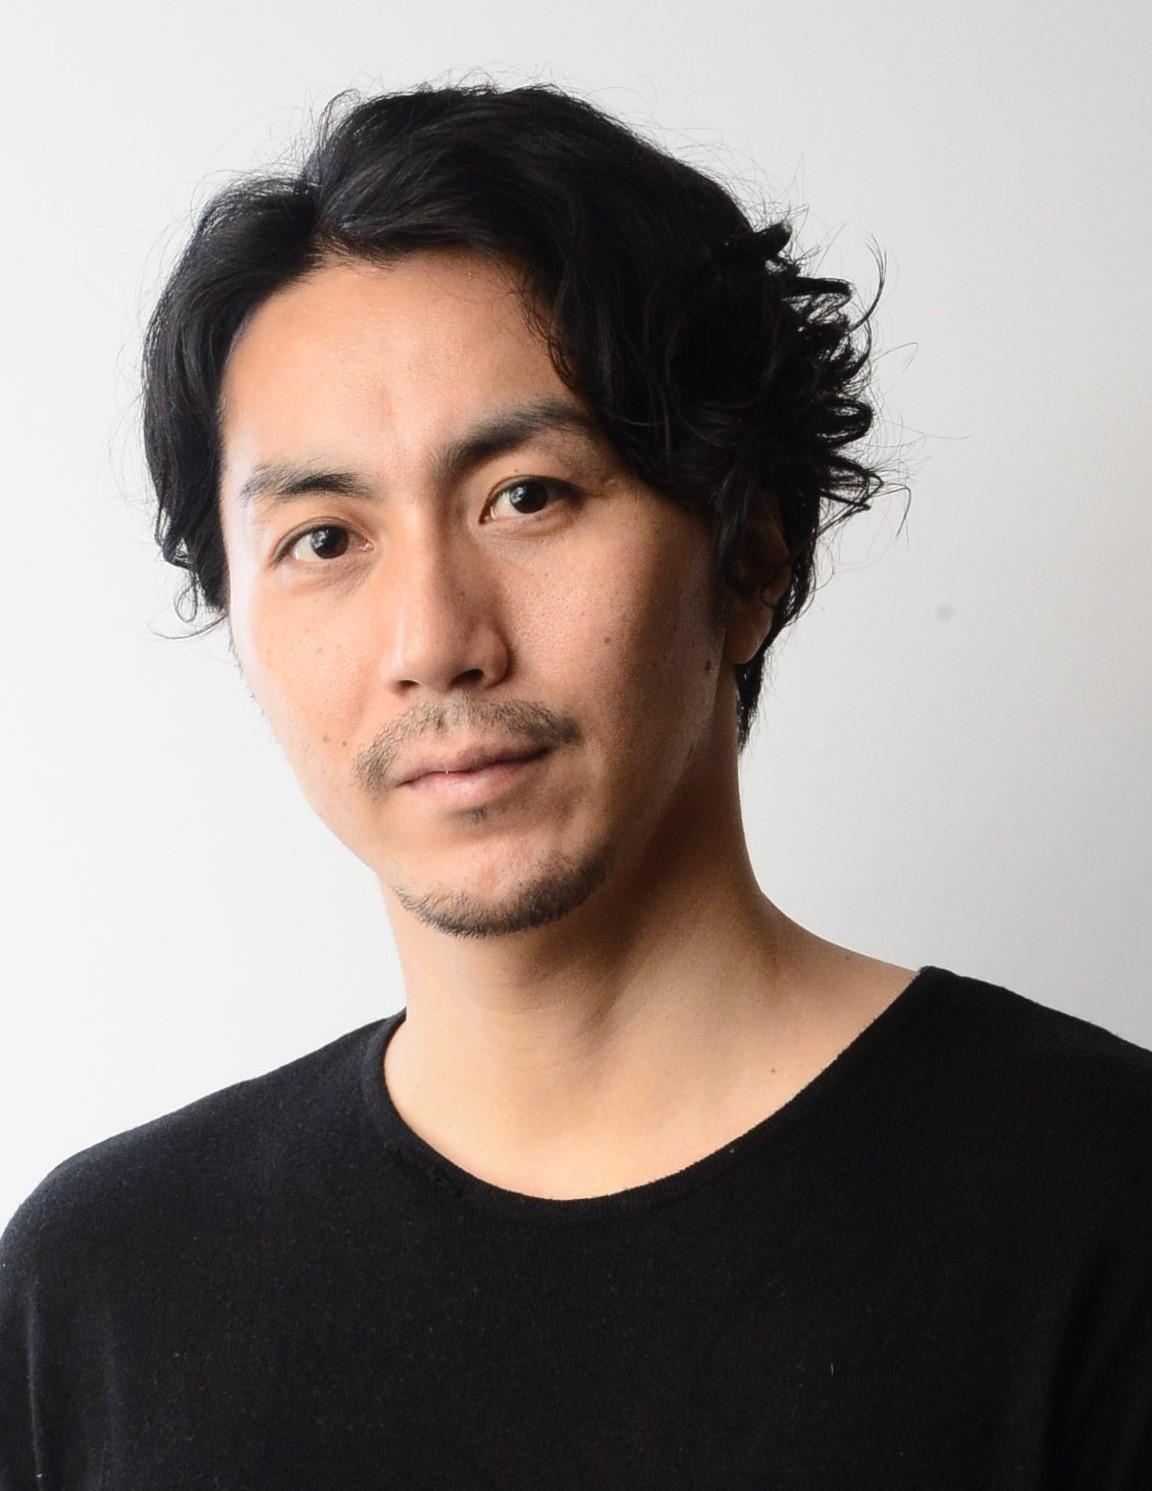 舞台「憂国のモリアーティ」case 2 郷本直也さん(セバスチャン・モラン)